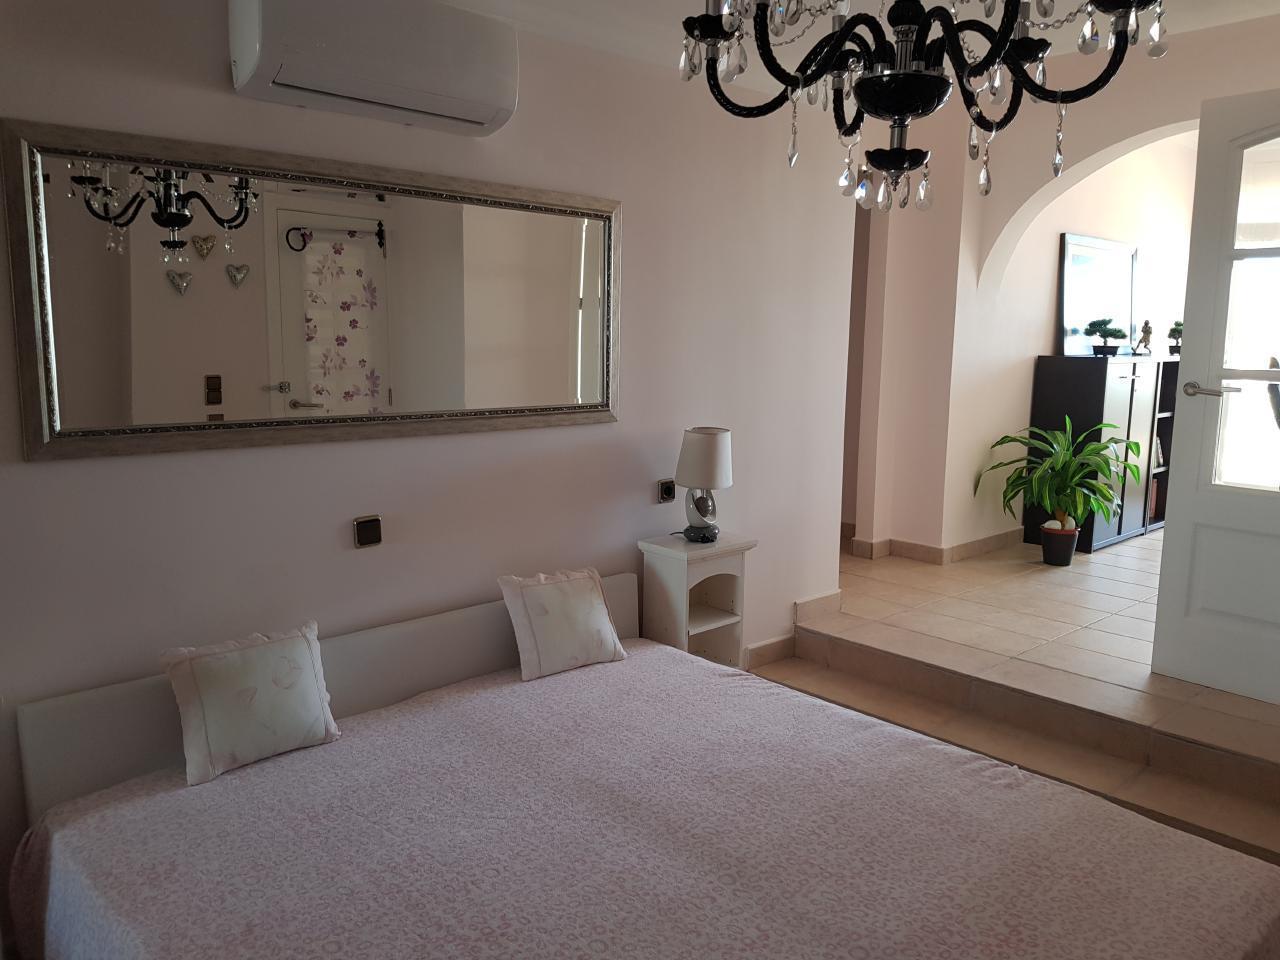 Maison de vacances Luxuriöse Villa mit traumhaftem Meerblick und tropischem Garten (1921916), Benitachell, Costa Blanca, Valence, Espagne, image 36